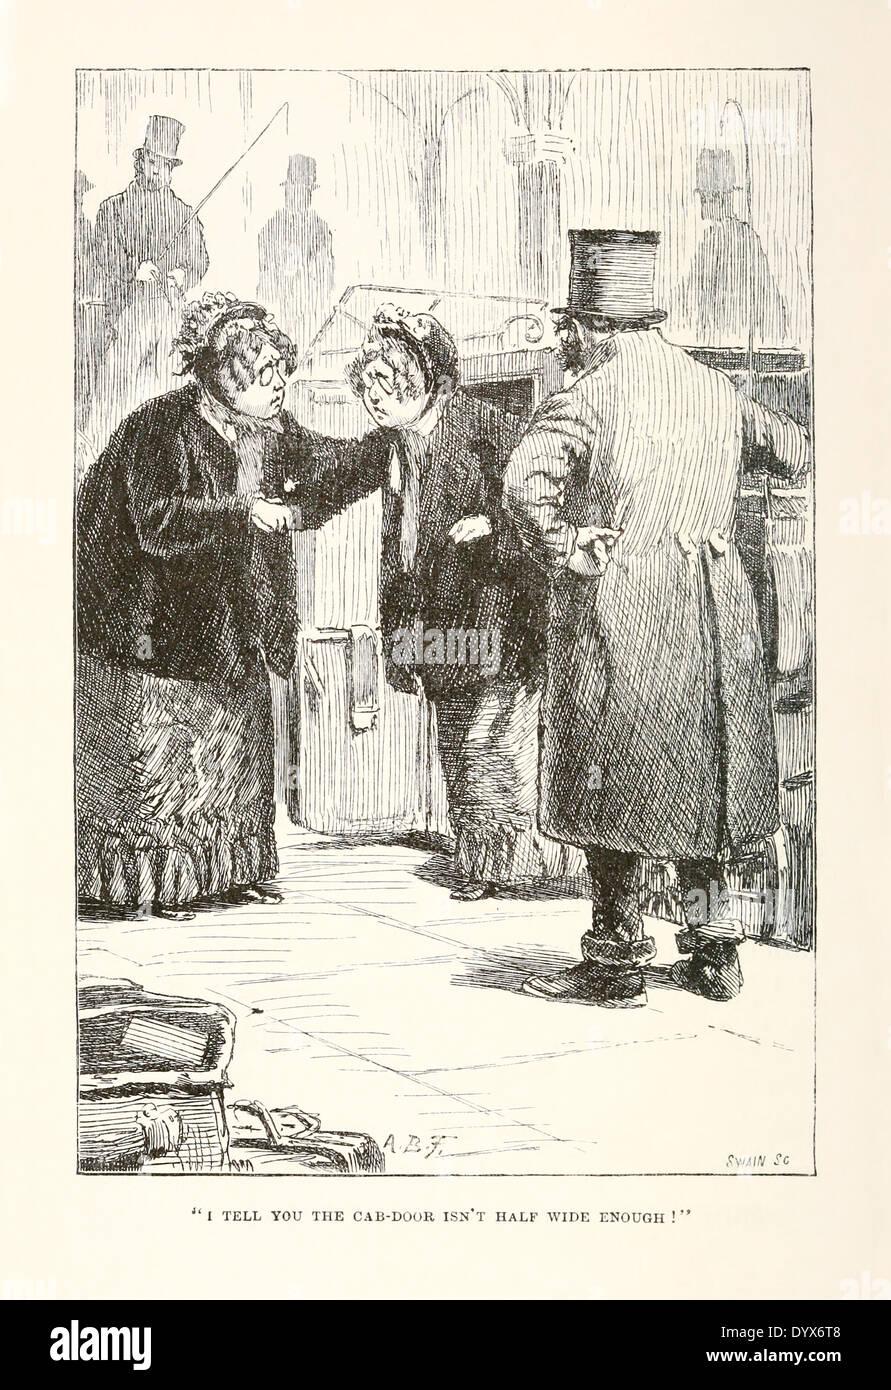 """Arthur Burdett Frost (1851-1928) illustrazione da 'un intricato favola' da Lewis Carroll pubblicato 1885. Nodo 7'piccola cassa"""". Immagini Stock"""